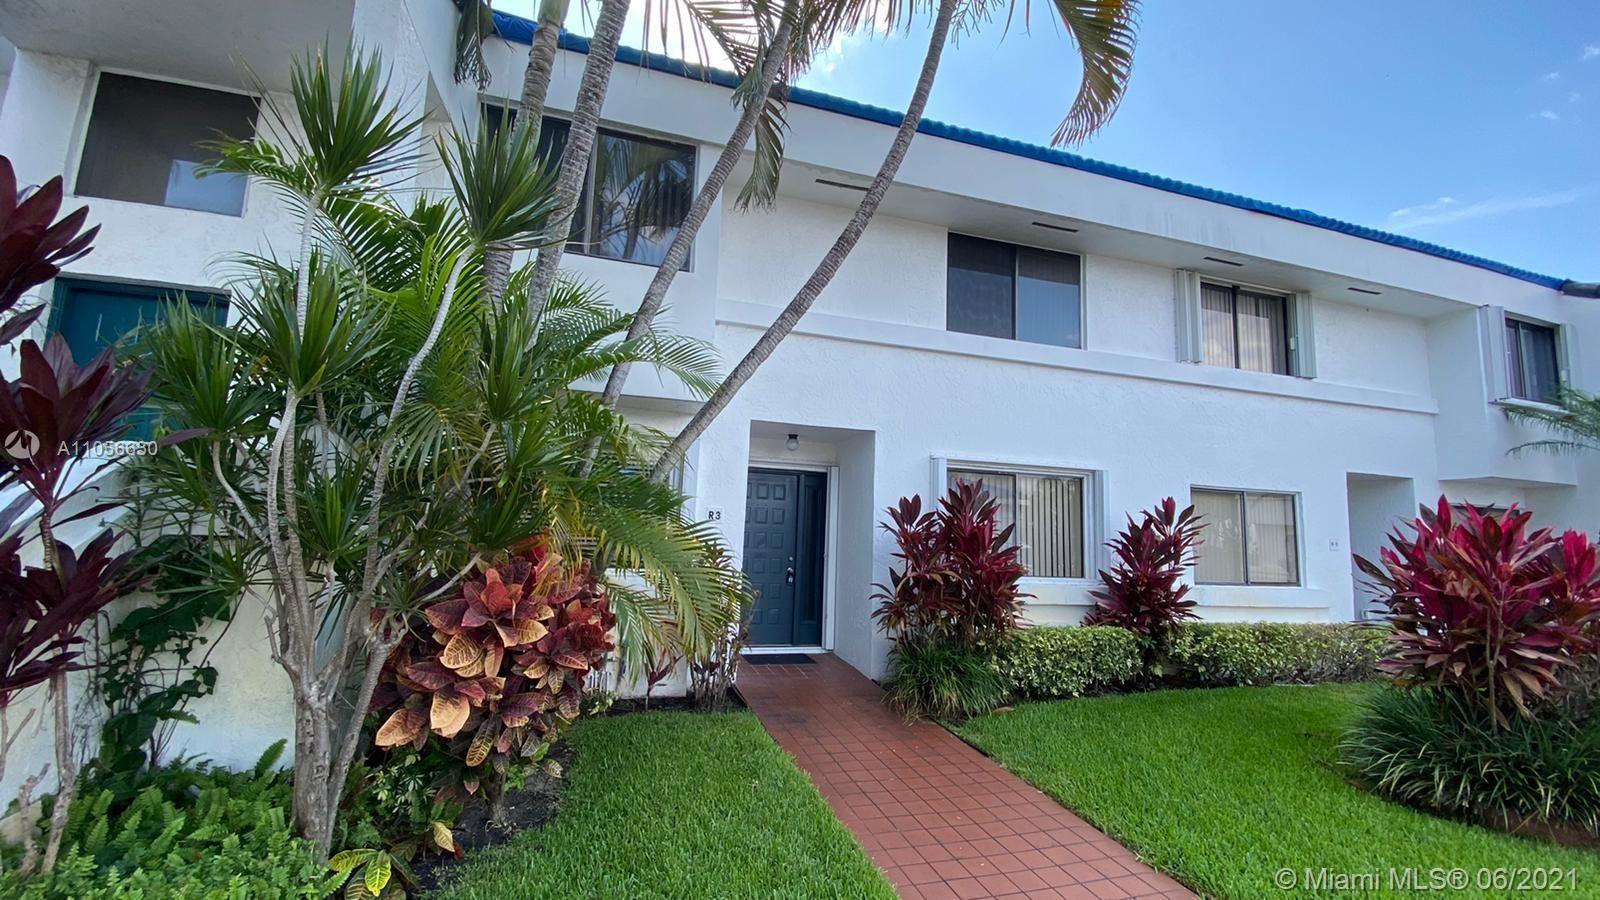 21300 San Simeon Way #R3, Miami, FL 33179 - #: A11056630